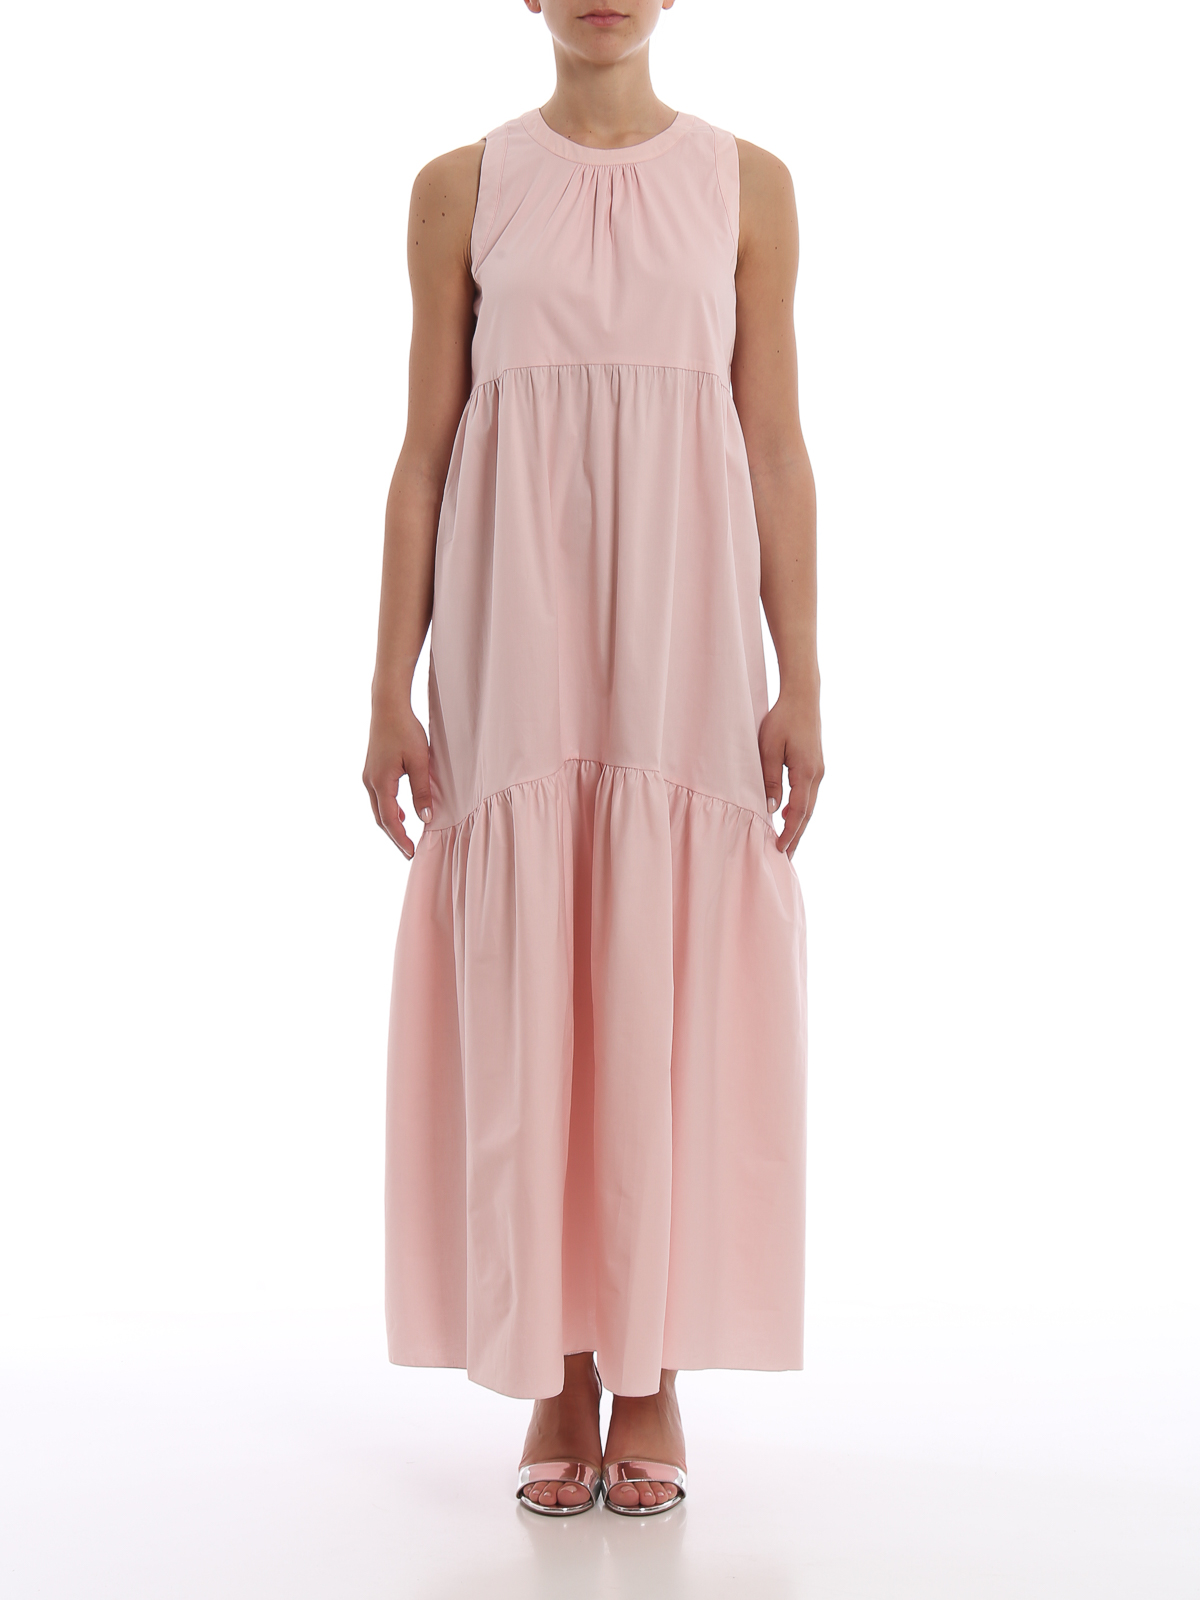 separation shoes 7bad9 c3839 Blugirl - Abito maxi in cotone stretch rosa con balze ...